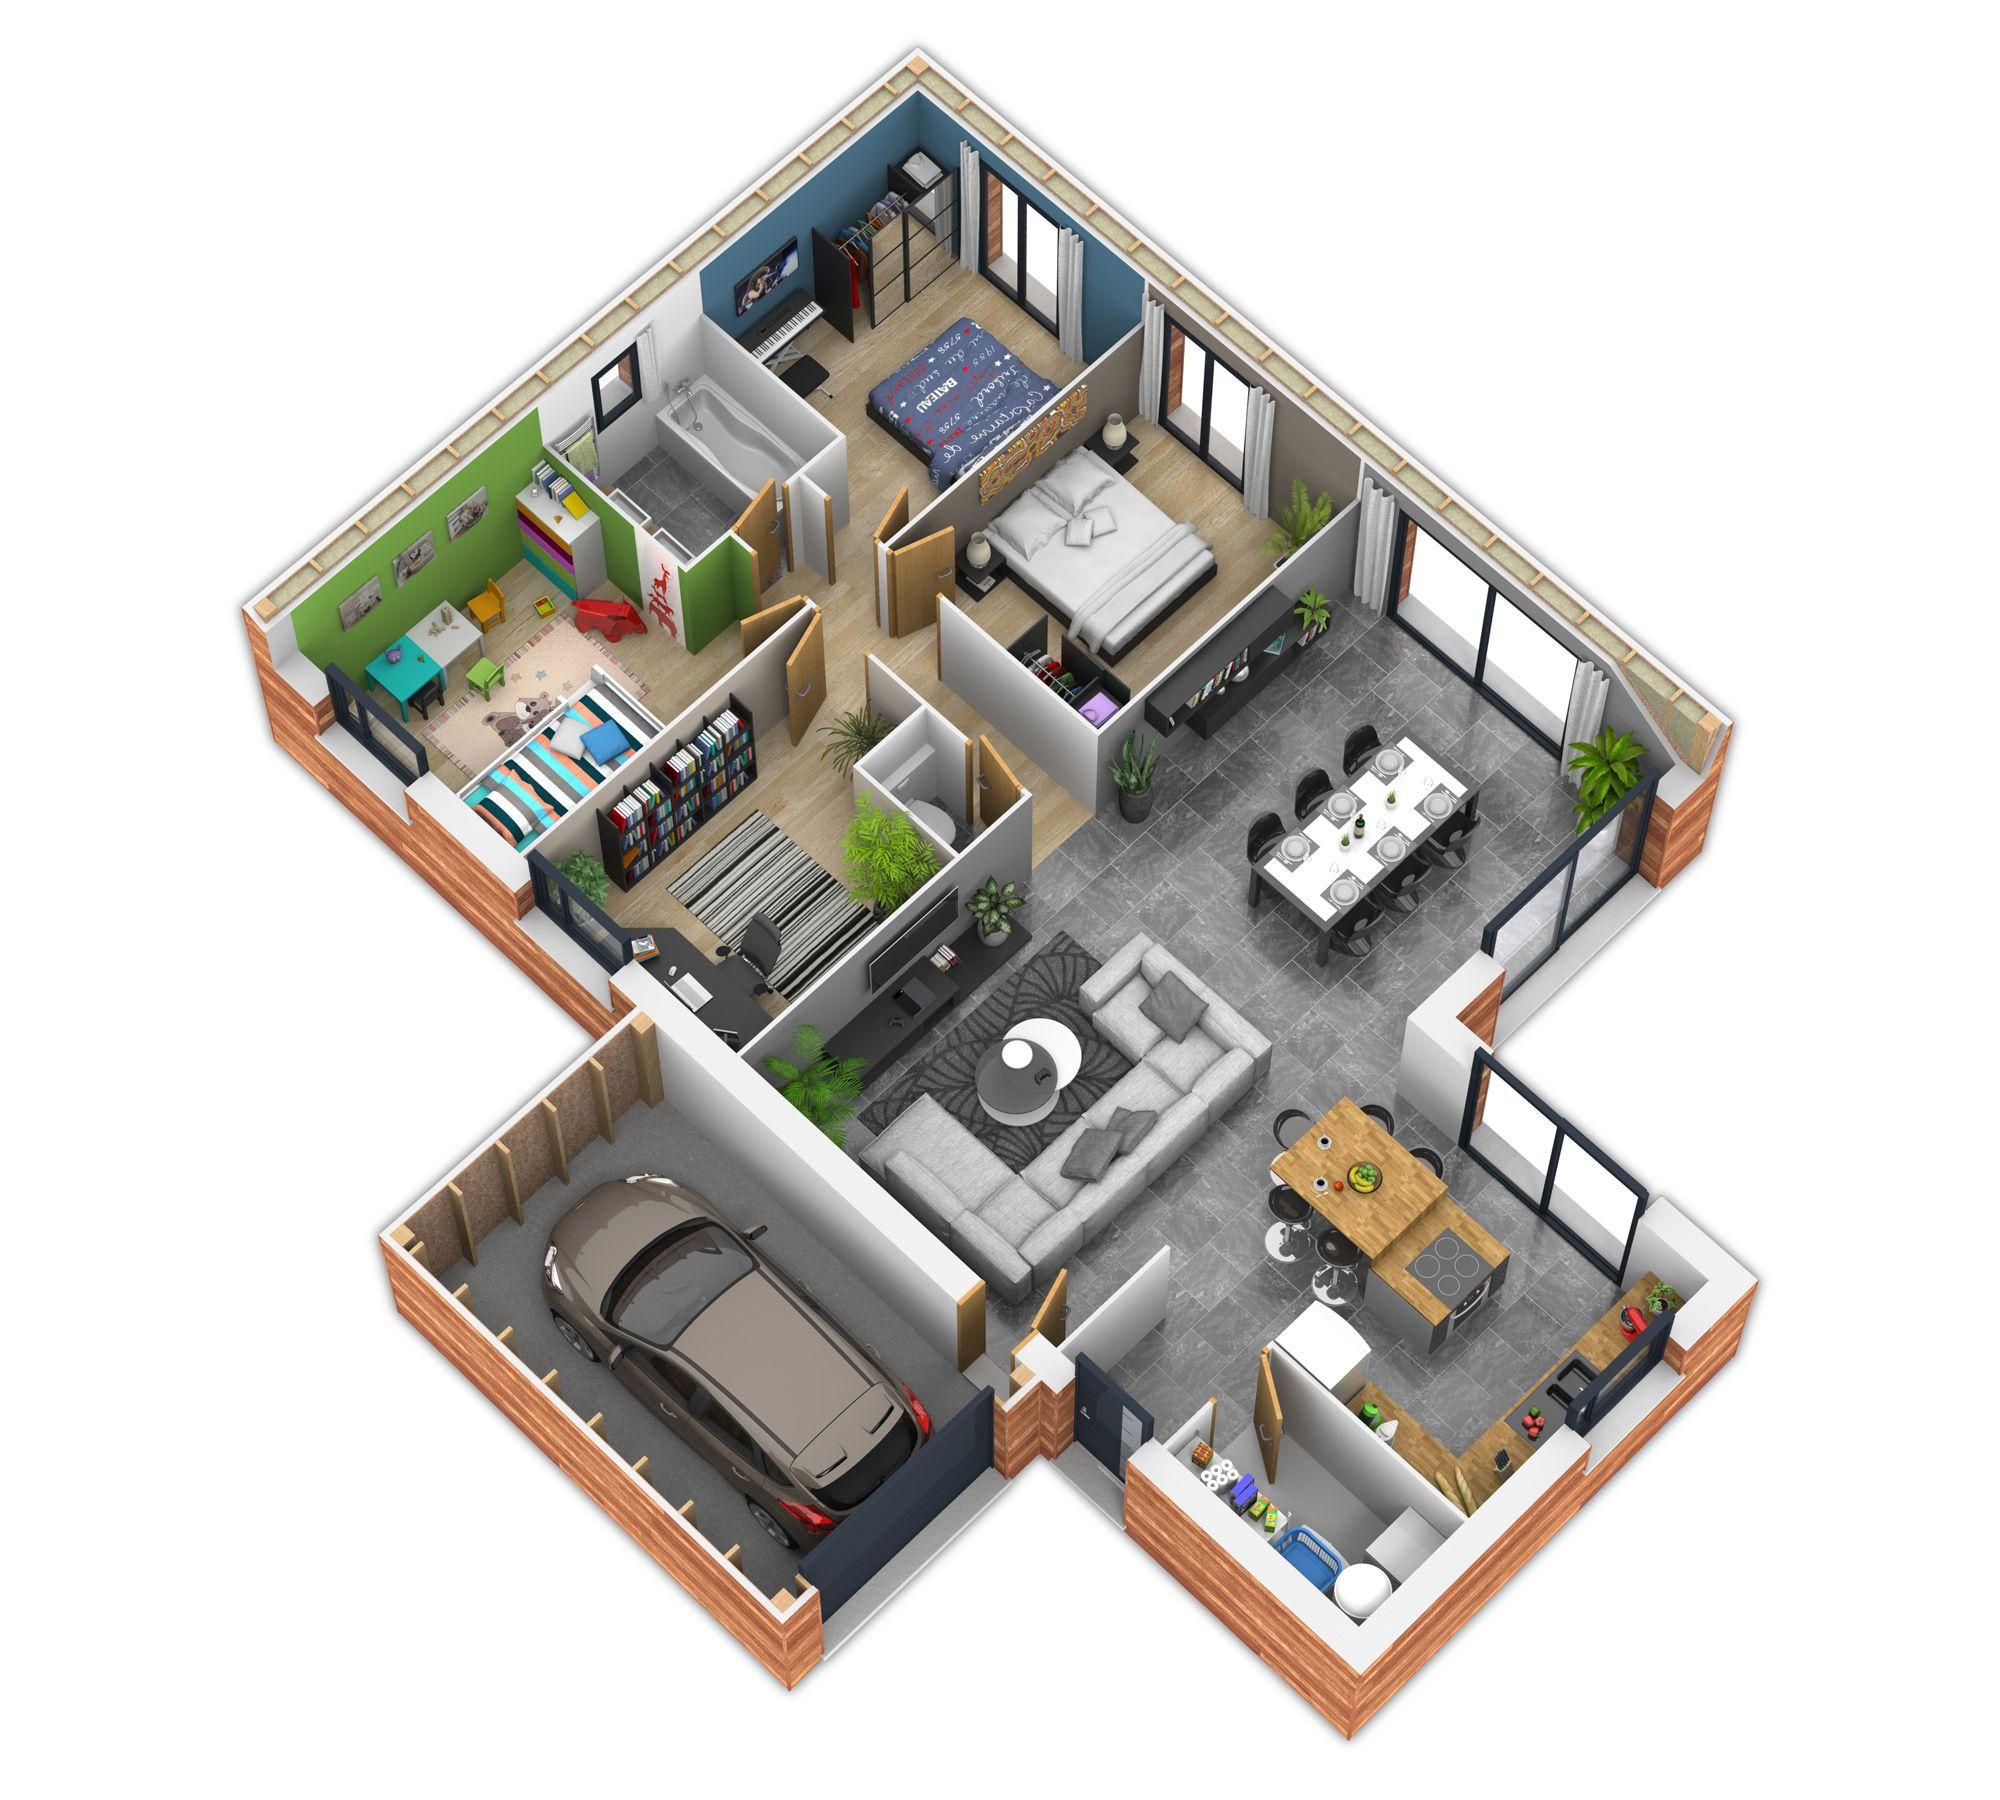 Natisoon toit terrasse id e pour ma maison pinterest for Plan de maison africaine